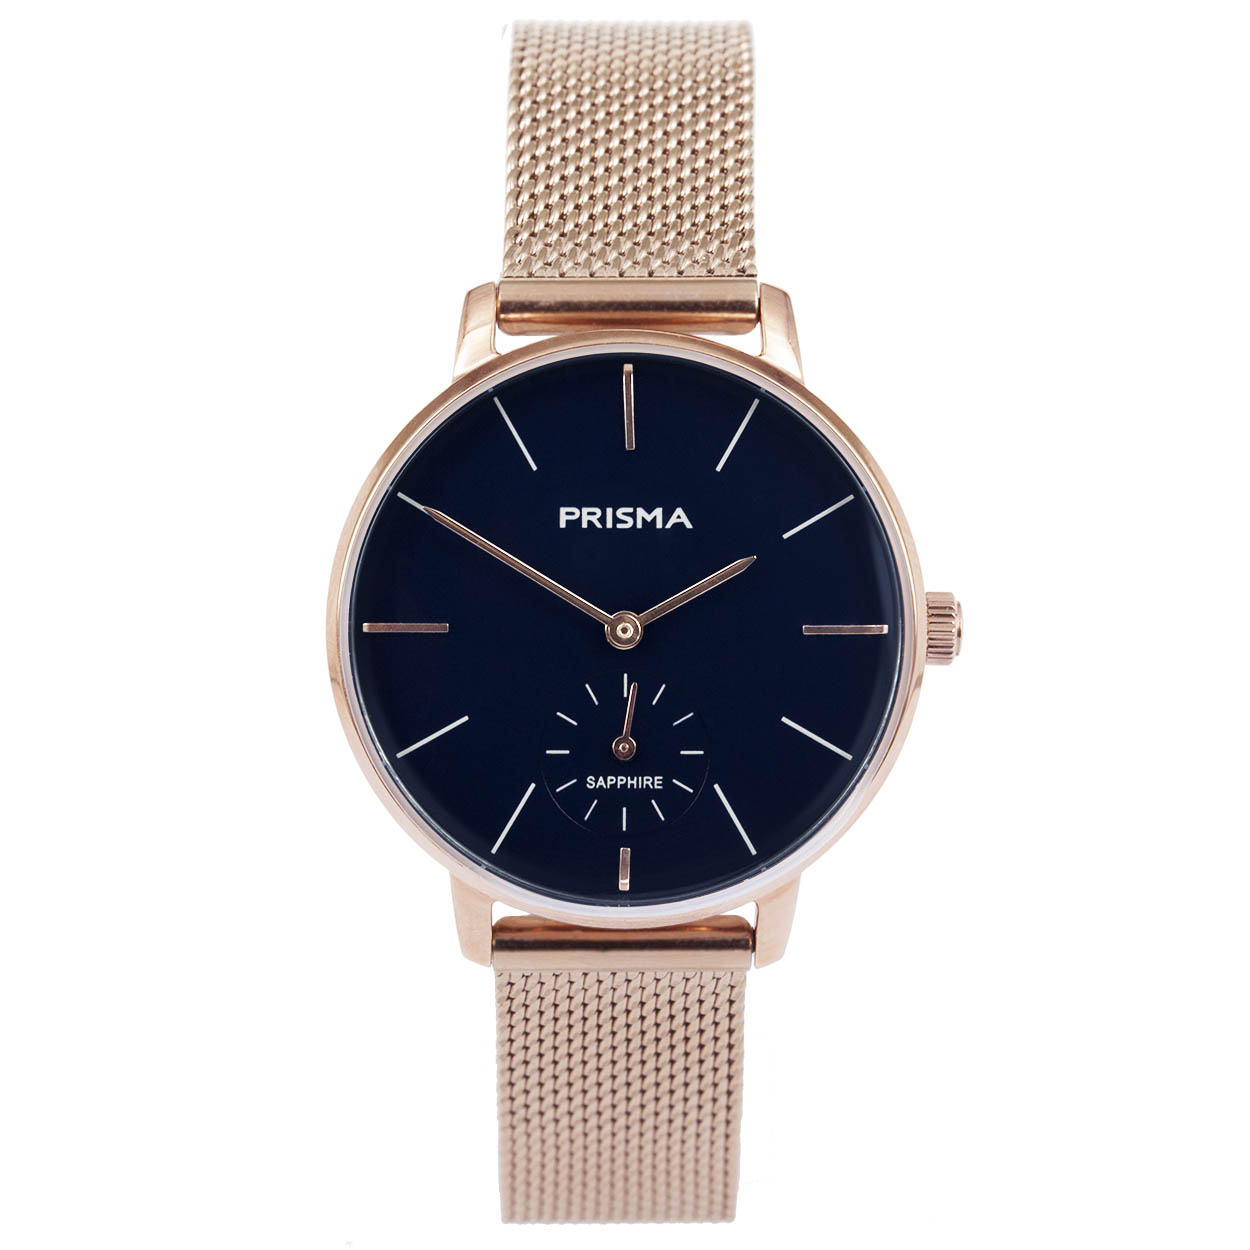 Prisma P.1443 Horloge Mesh staal rosekleurig-blauw 32 mm